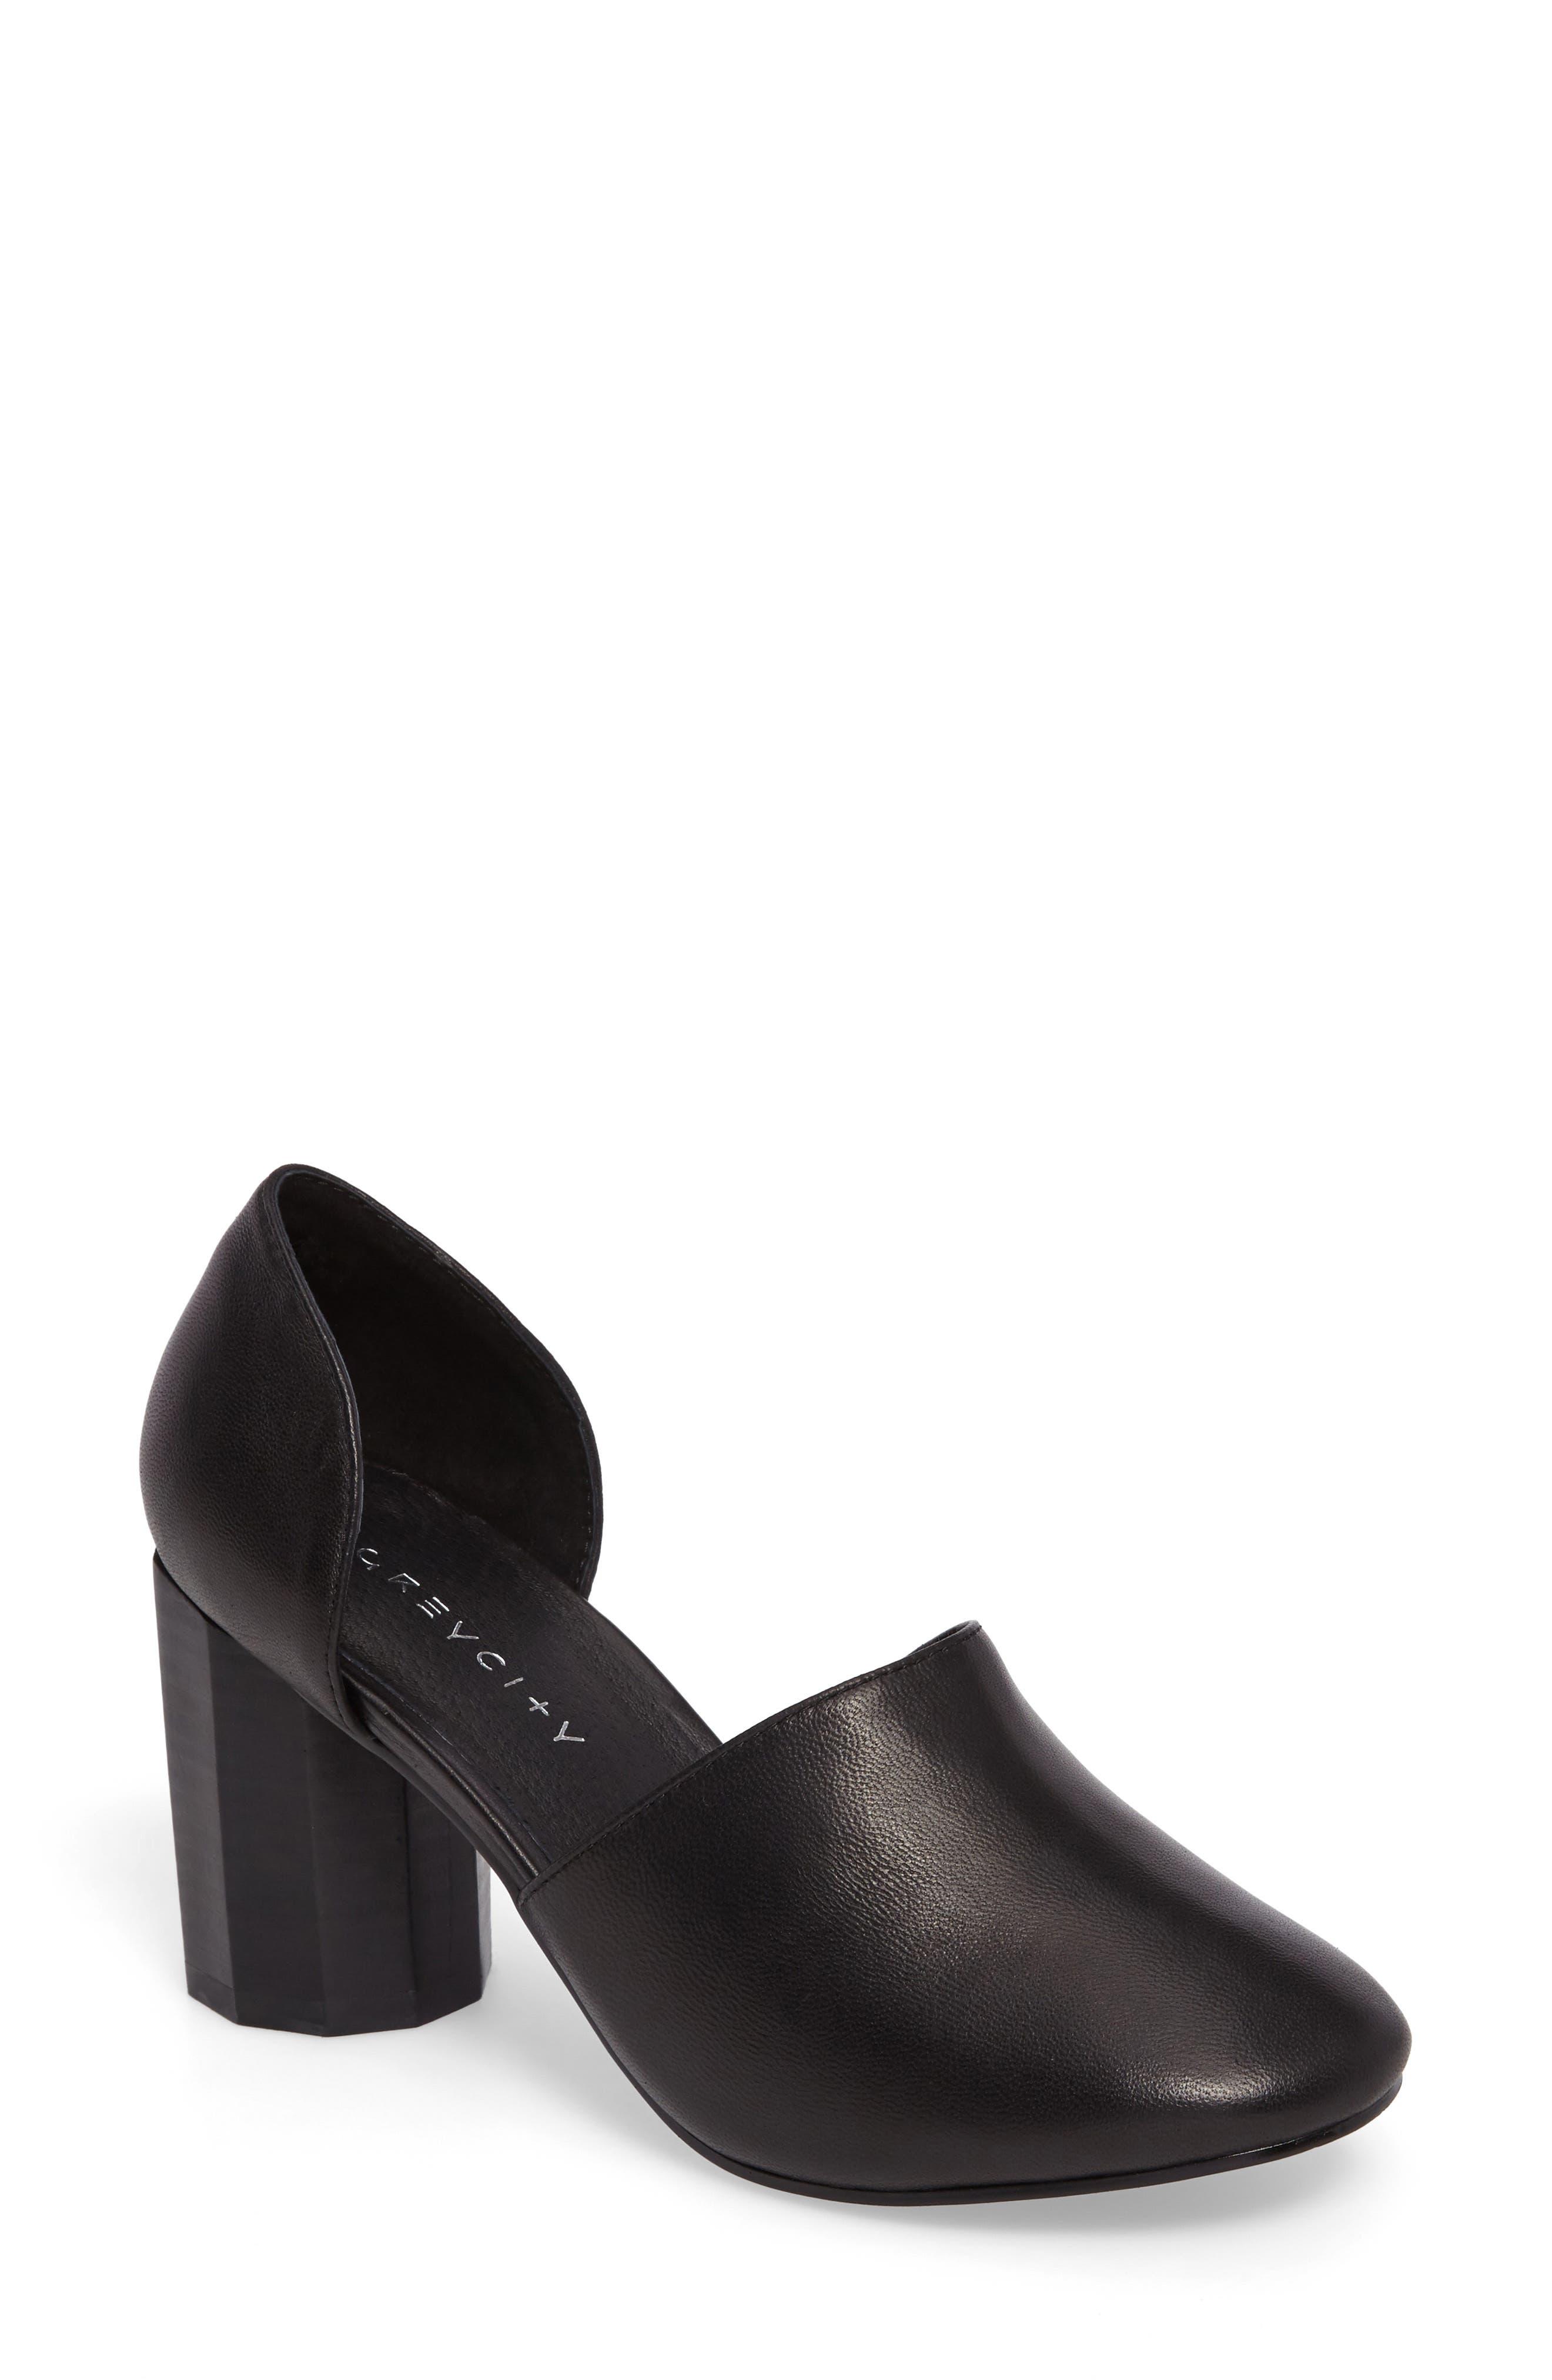 Main Image - Grey City Sarah Column Heel Pump (Women)